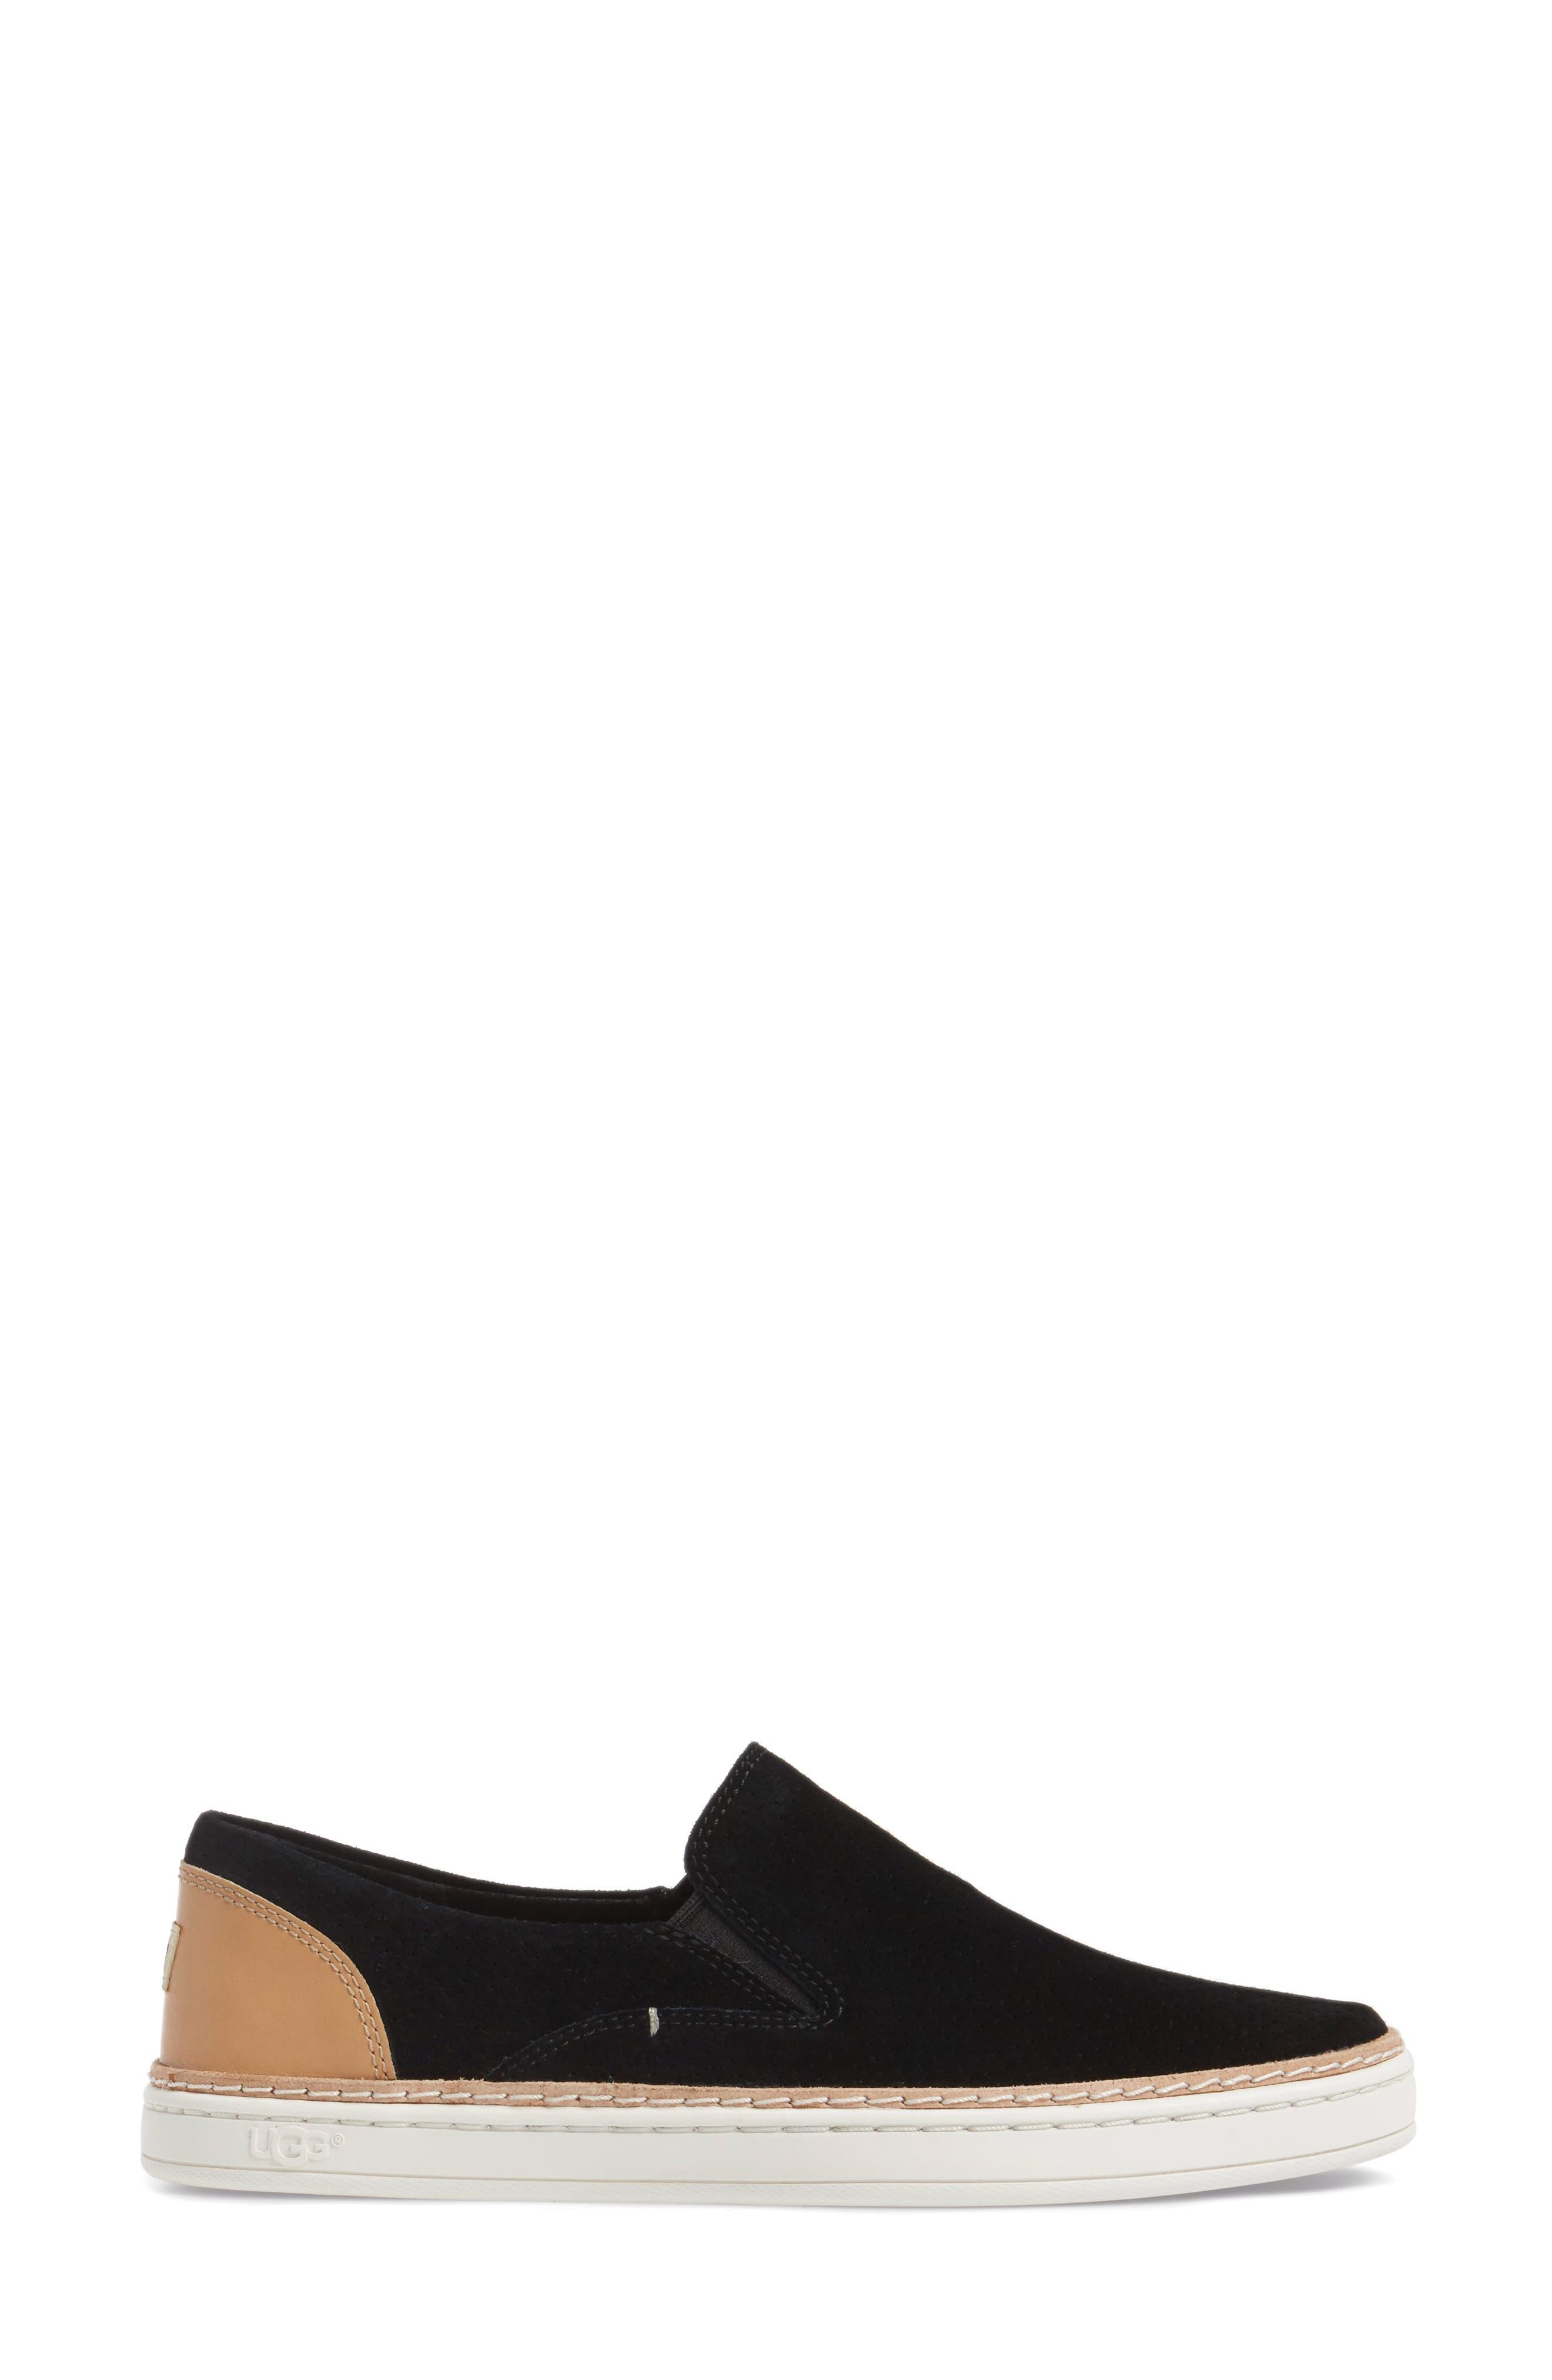 Alternate Image 3  - UGG® Adley Slip-On Sneaker (Women)